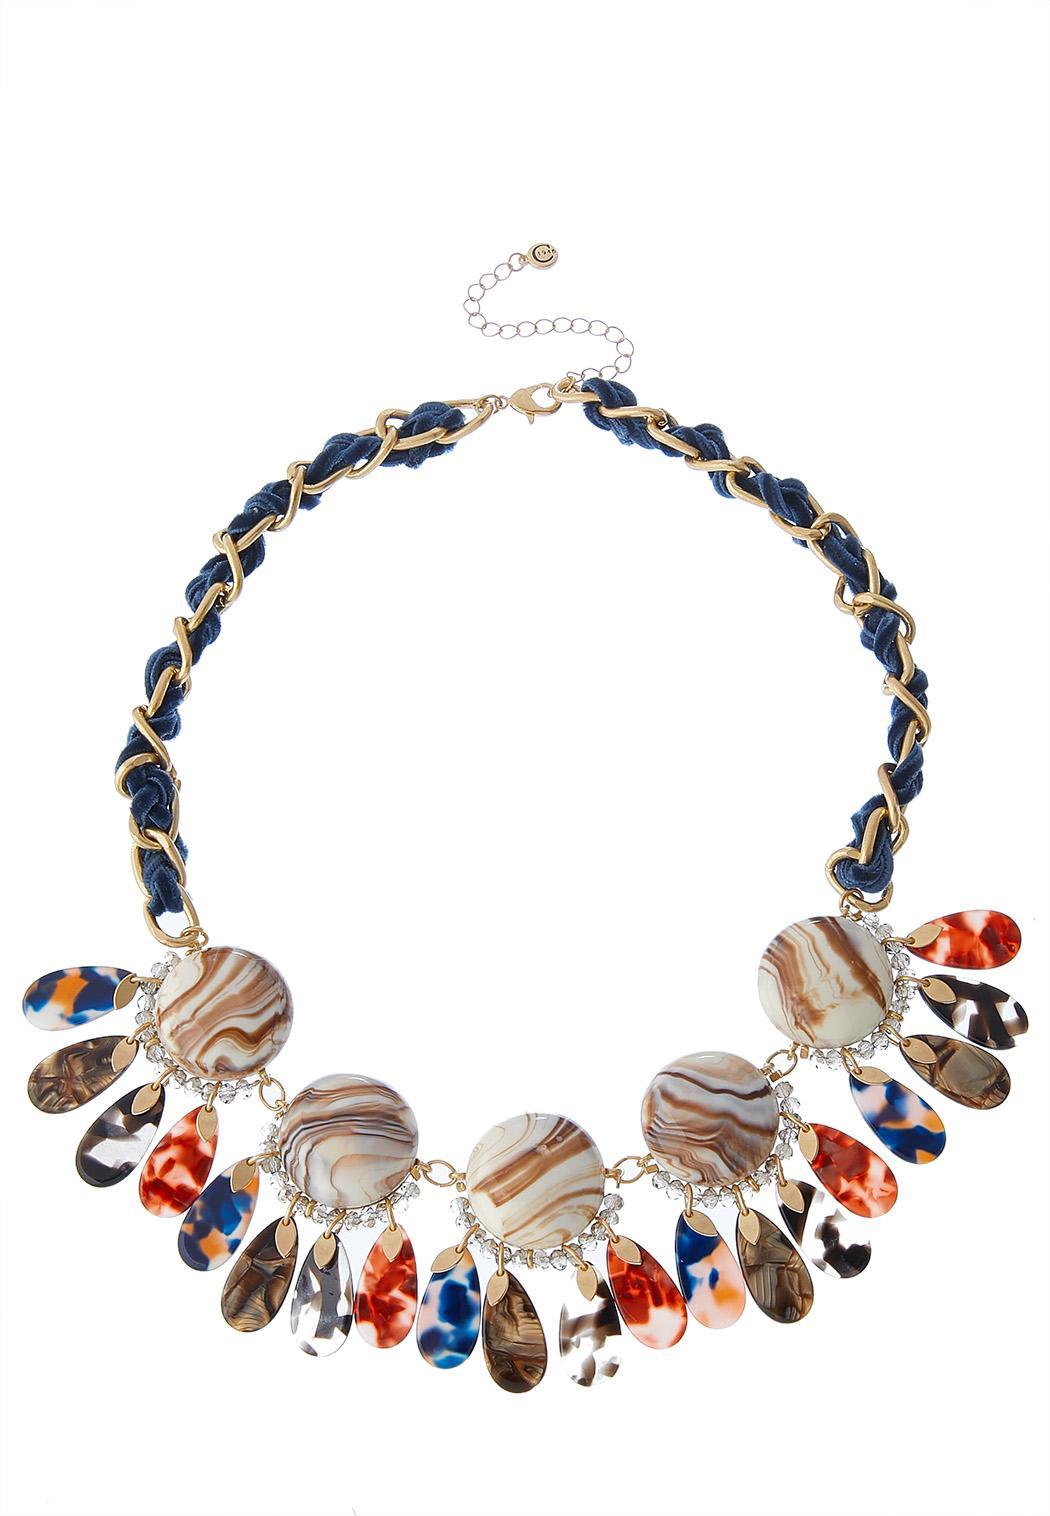 Marbleized Lucite Bib Necklace